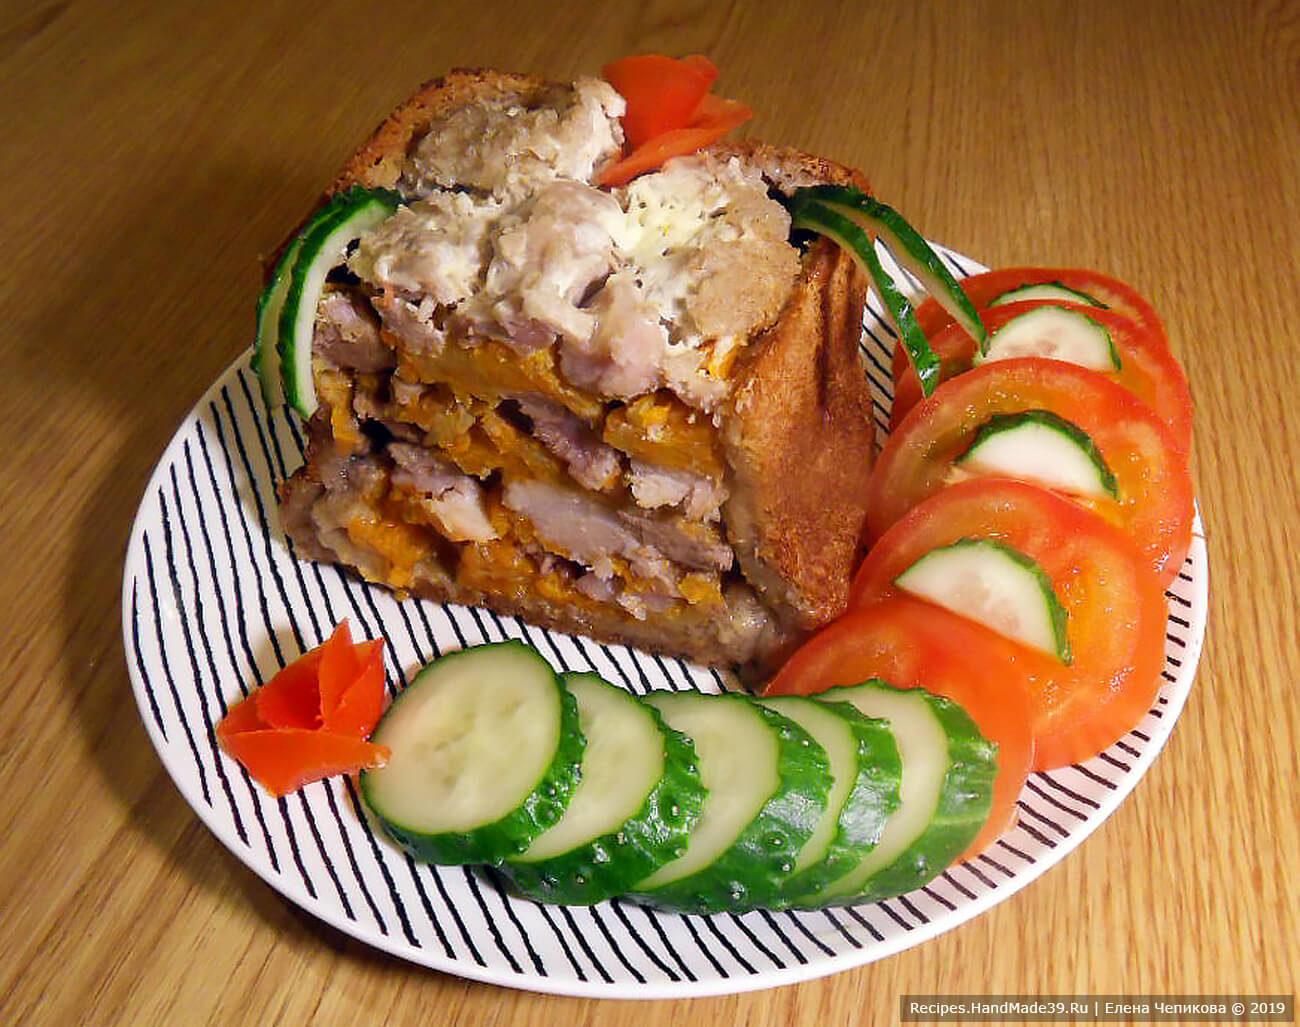 Вкусная свинина, запечённая в чёрном хлебе с овощами